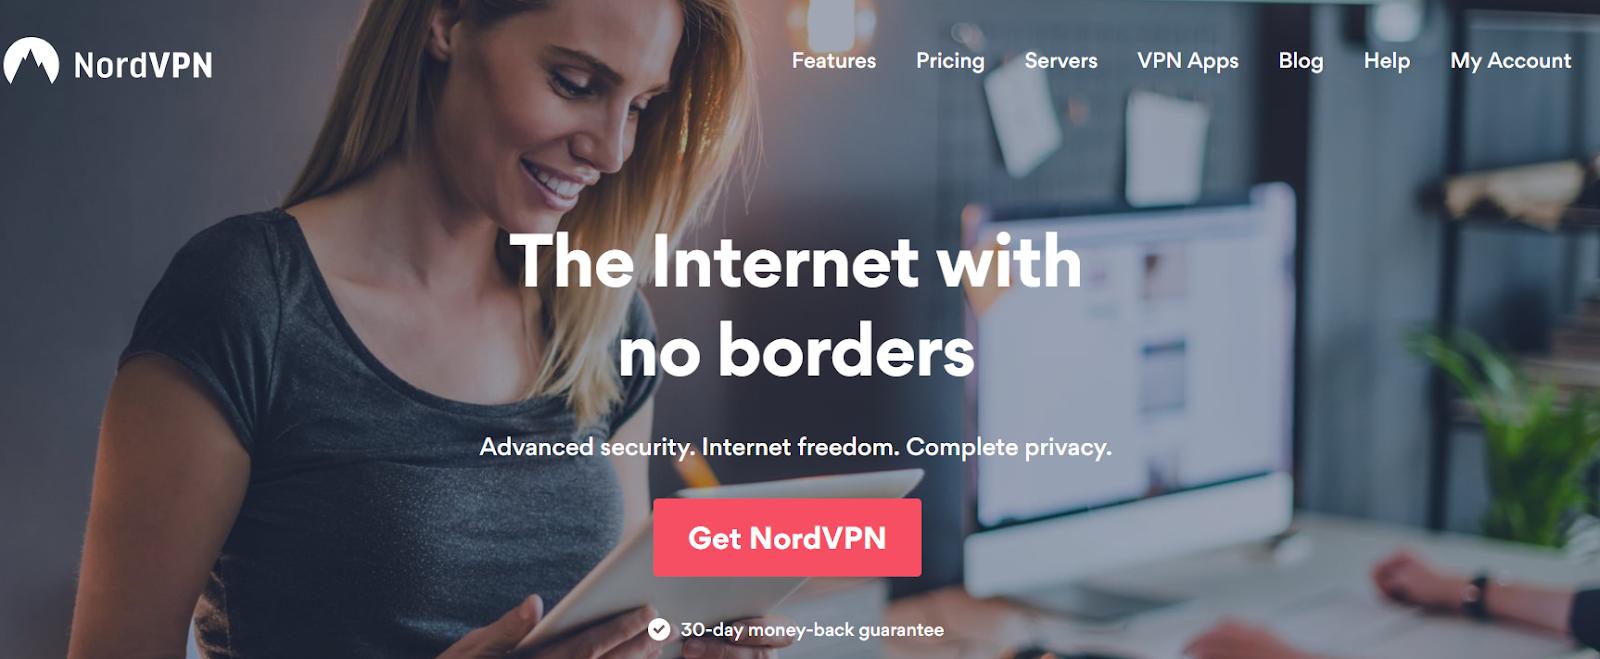 NordVPN blockles alternatives